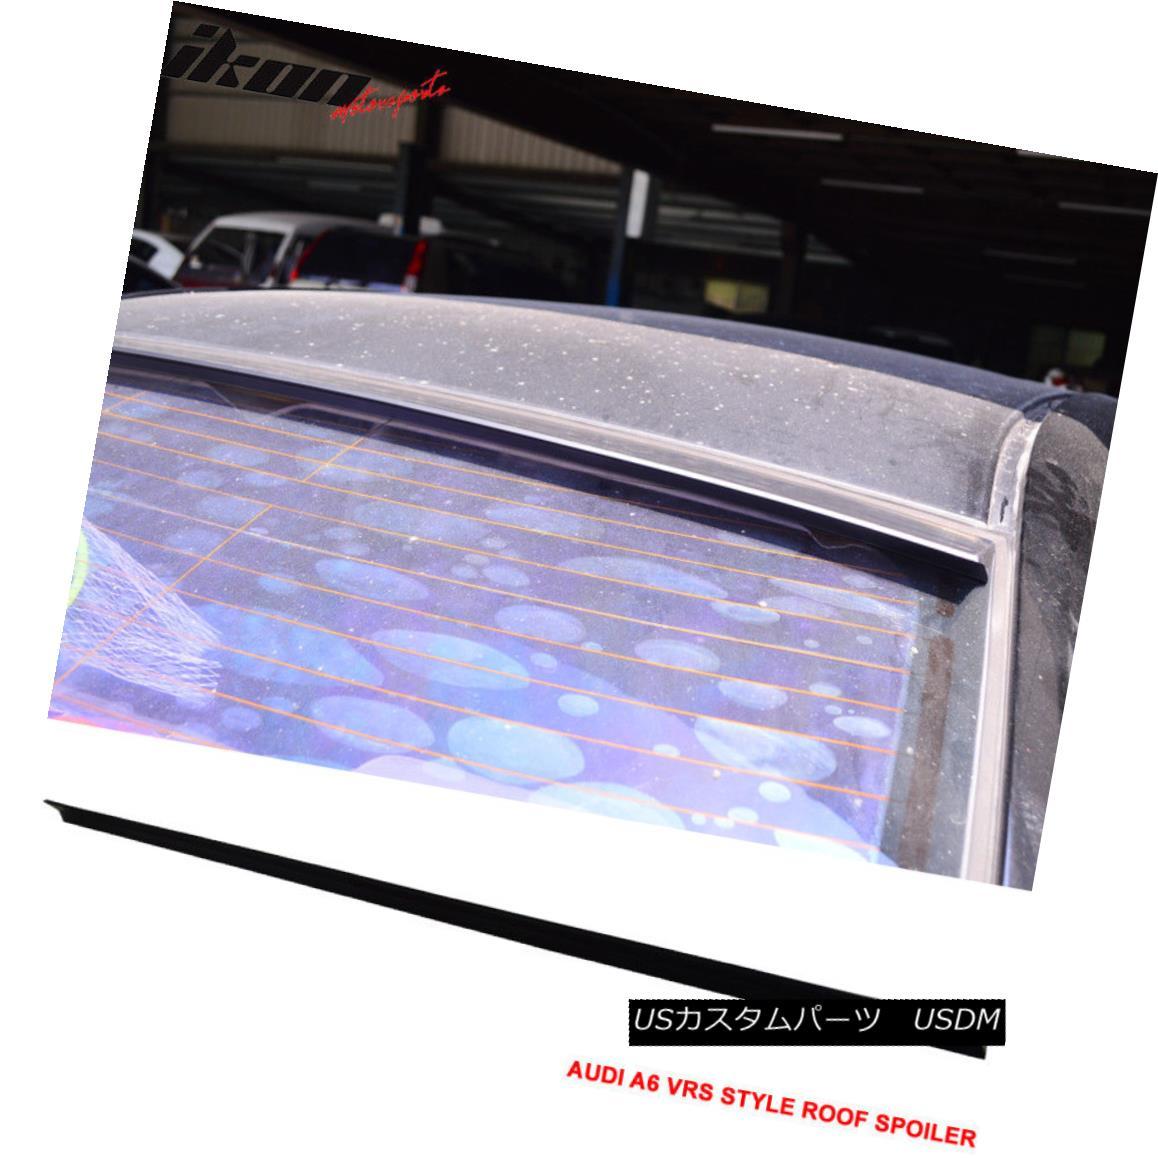 エアロパーツ 05-11 Audi A6 C6 VRS Style Roof Spoiler Unpainted Black - PUF 05-11 Audi A6 C6 VRSスタイルルーフスポイラー無塗装黒 - PUF